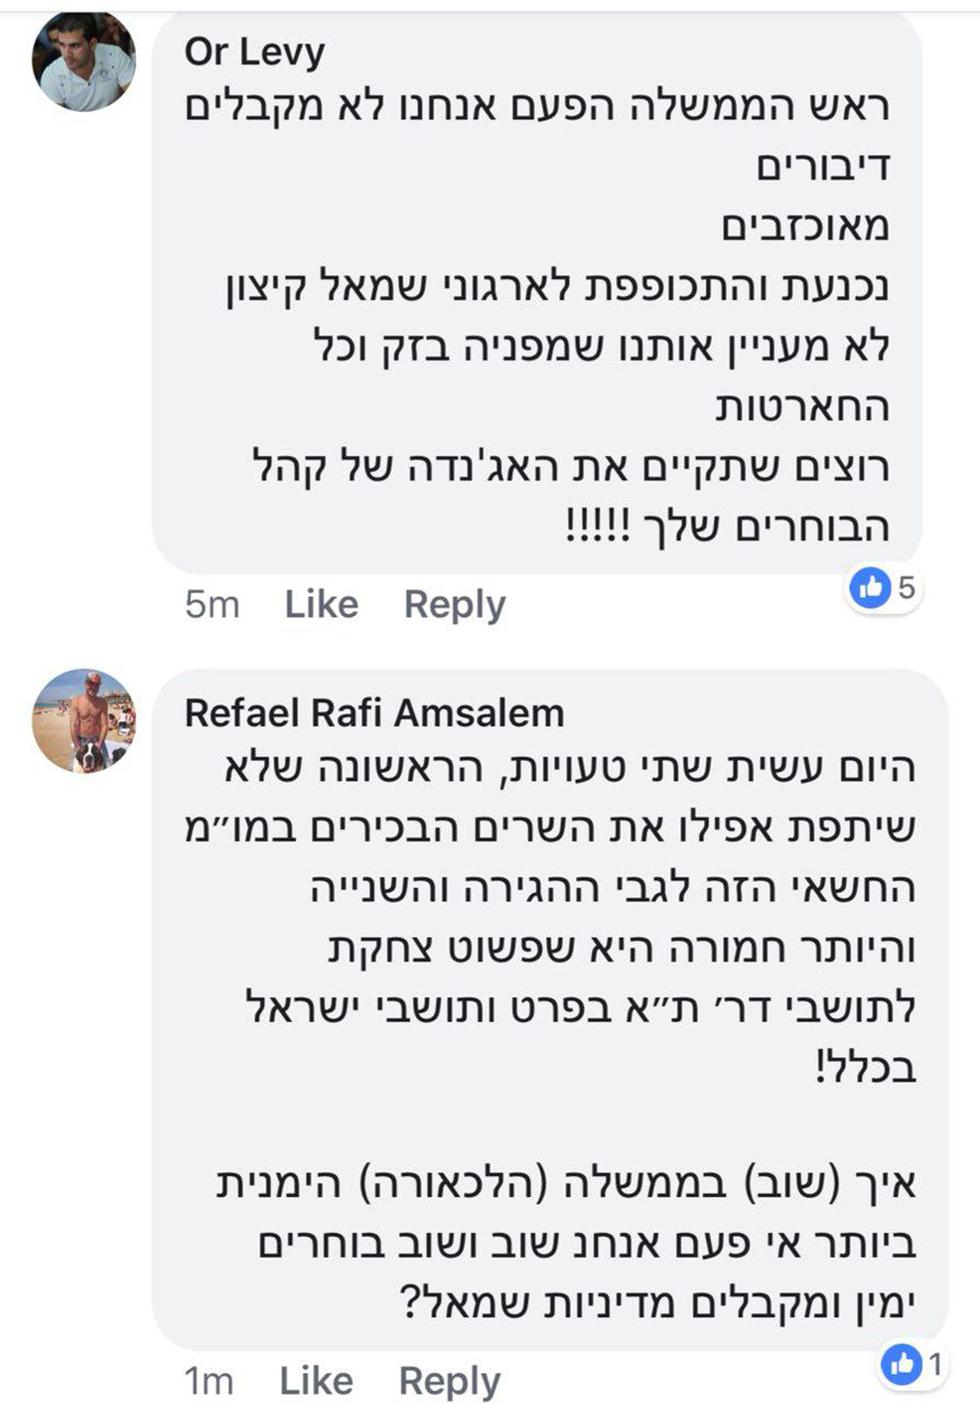 תגובות בפייסבוק למתווה הפליטים ()